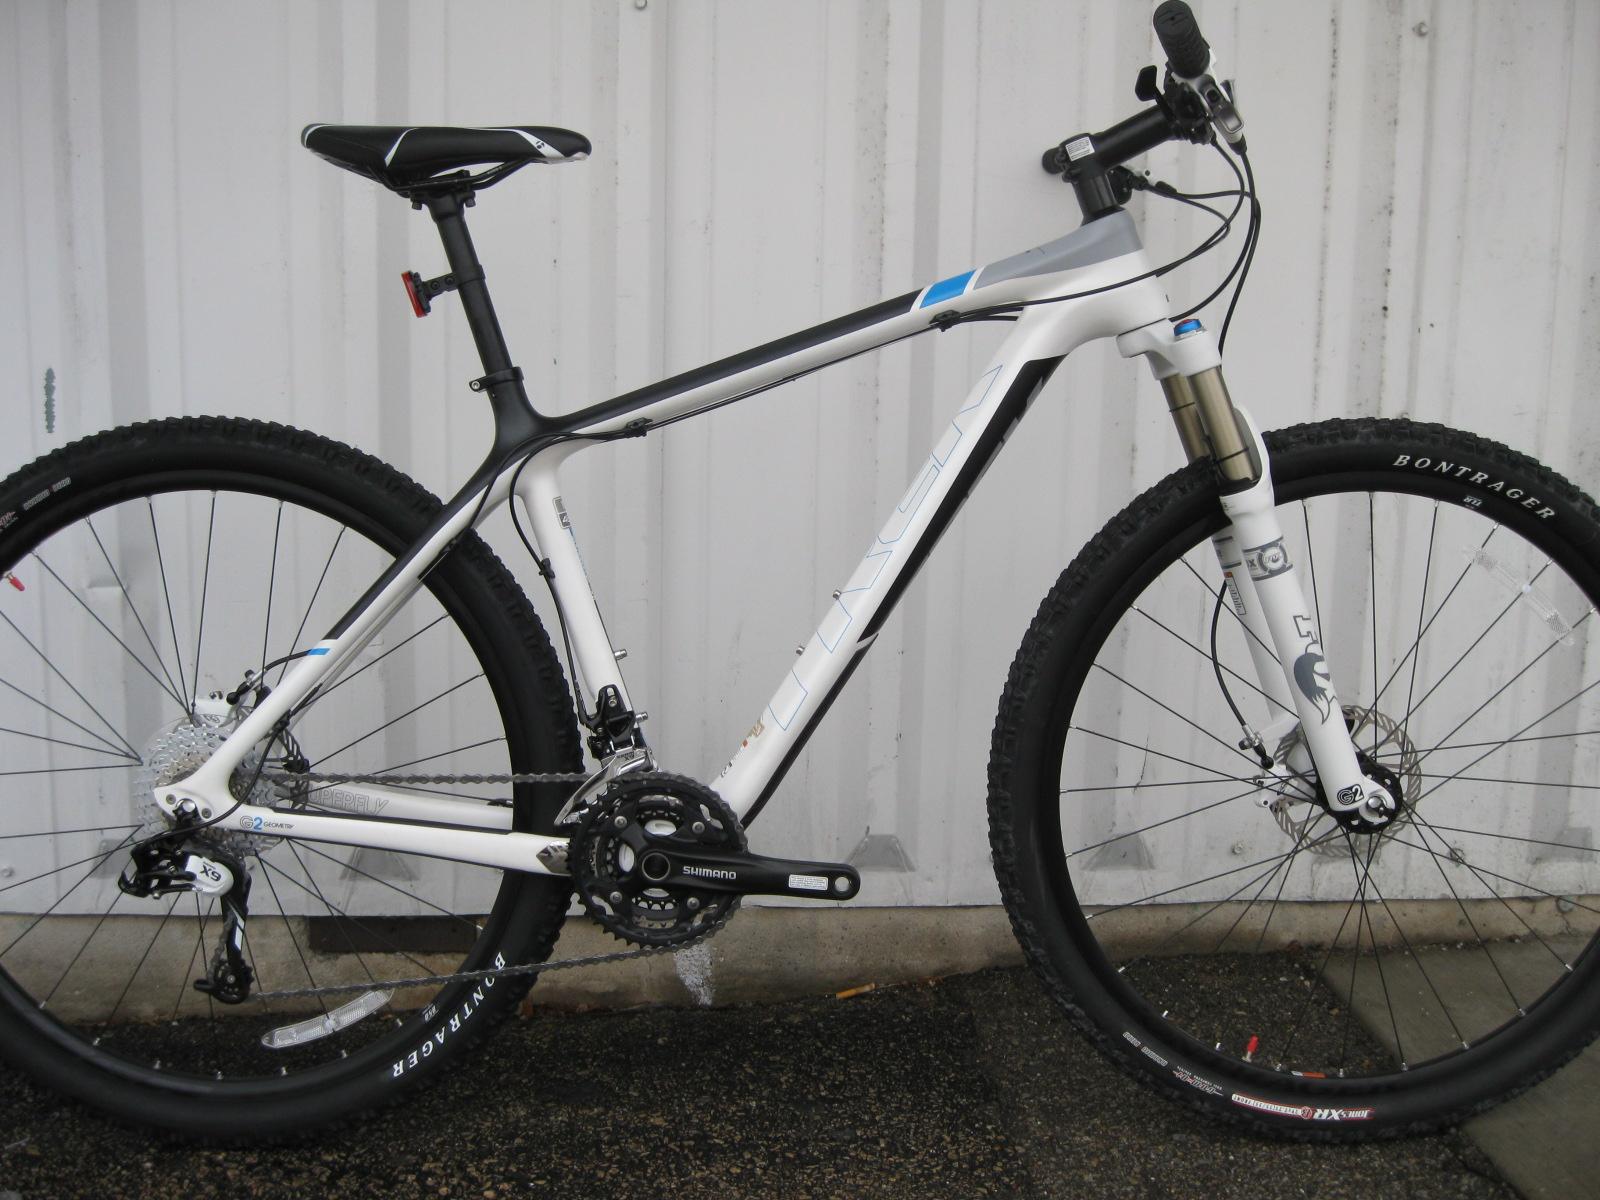 new trek bikes 2020 - HD1600×1200